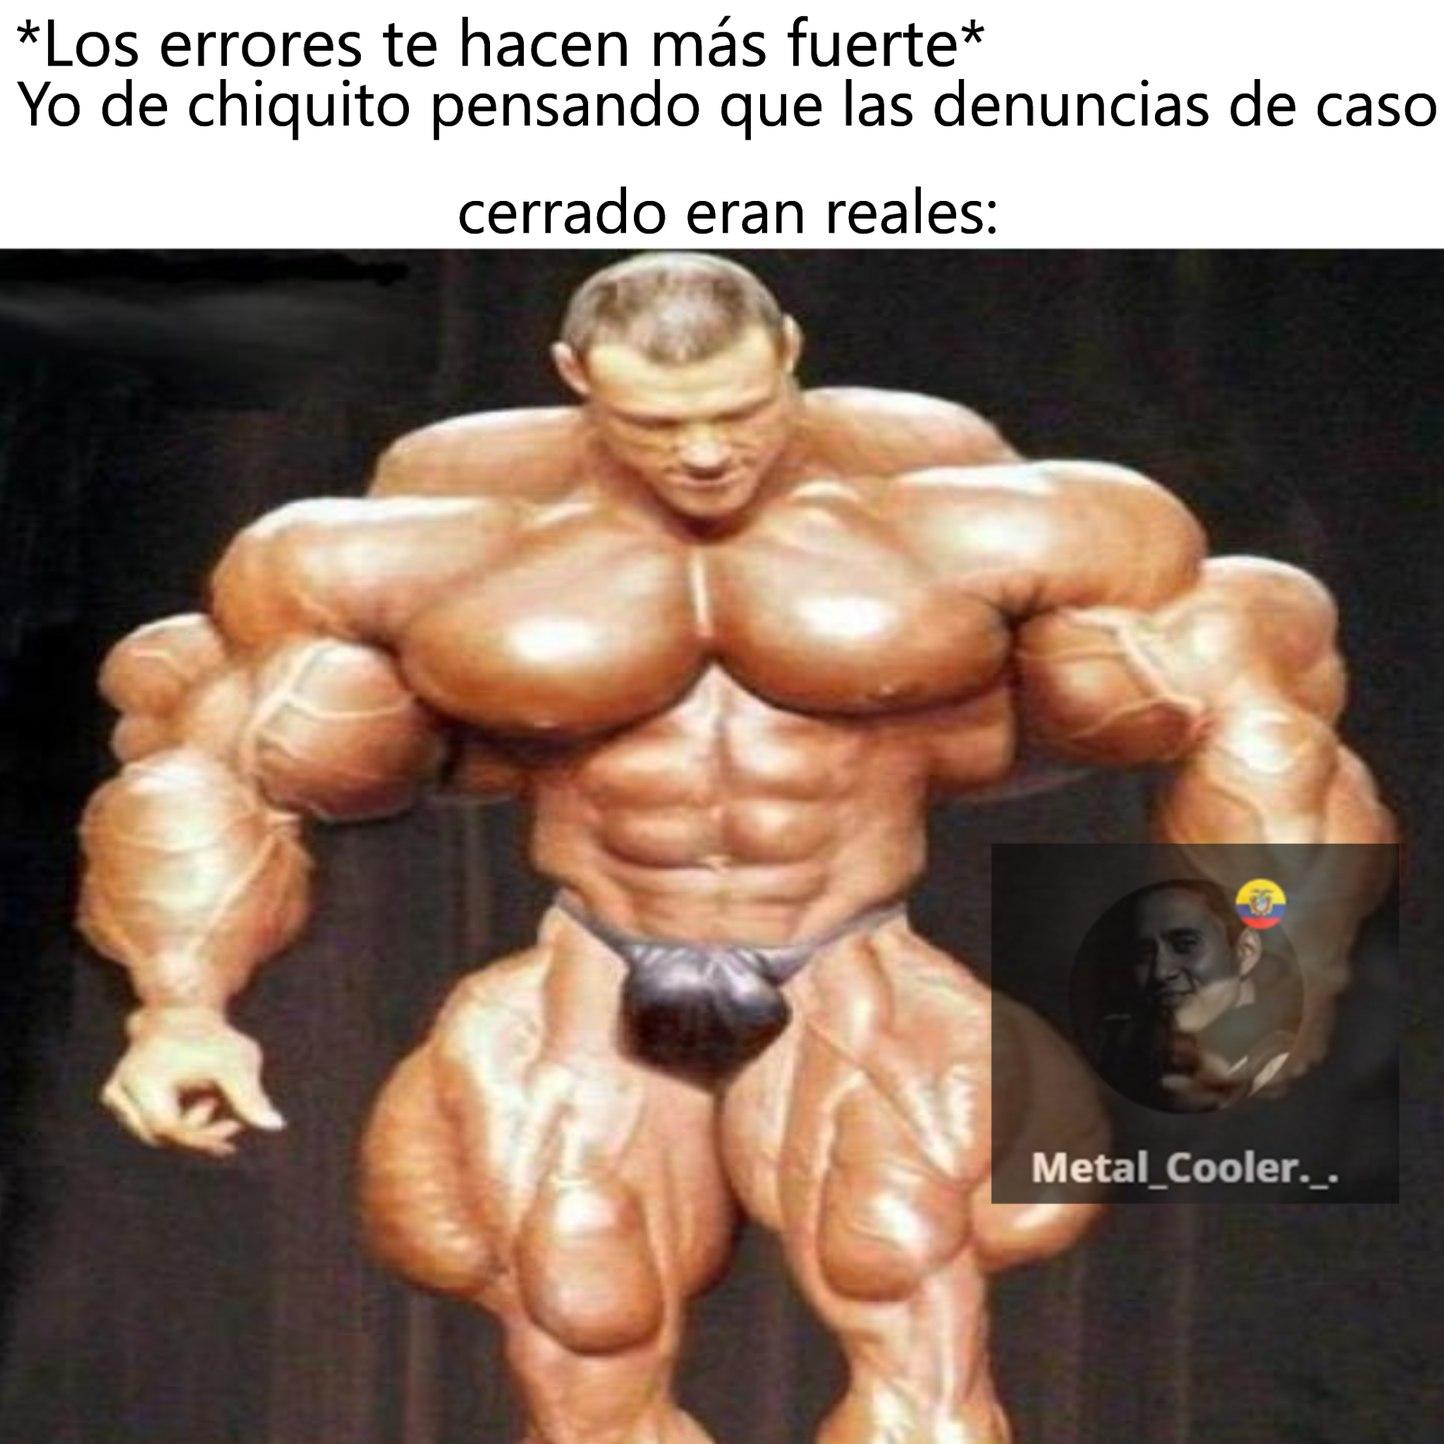 CASO CERRADO, OH OH, UUUUUUUUHHHHHHHH, OUH - meme